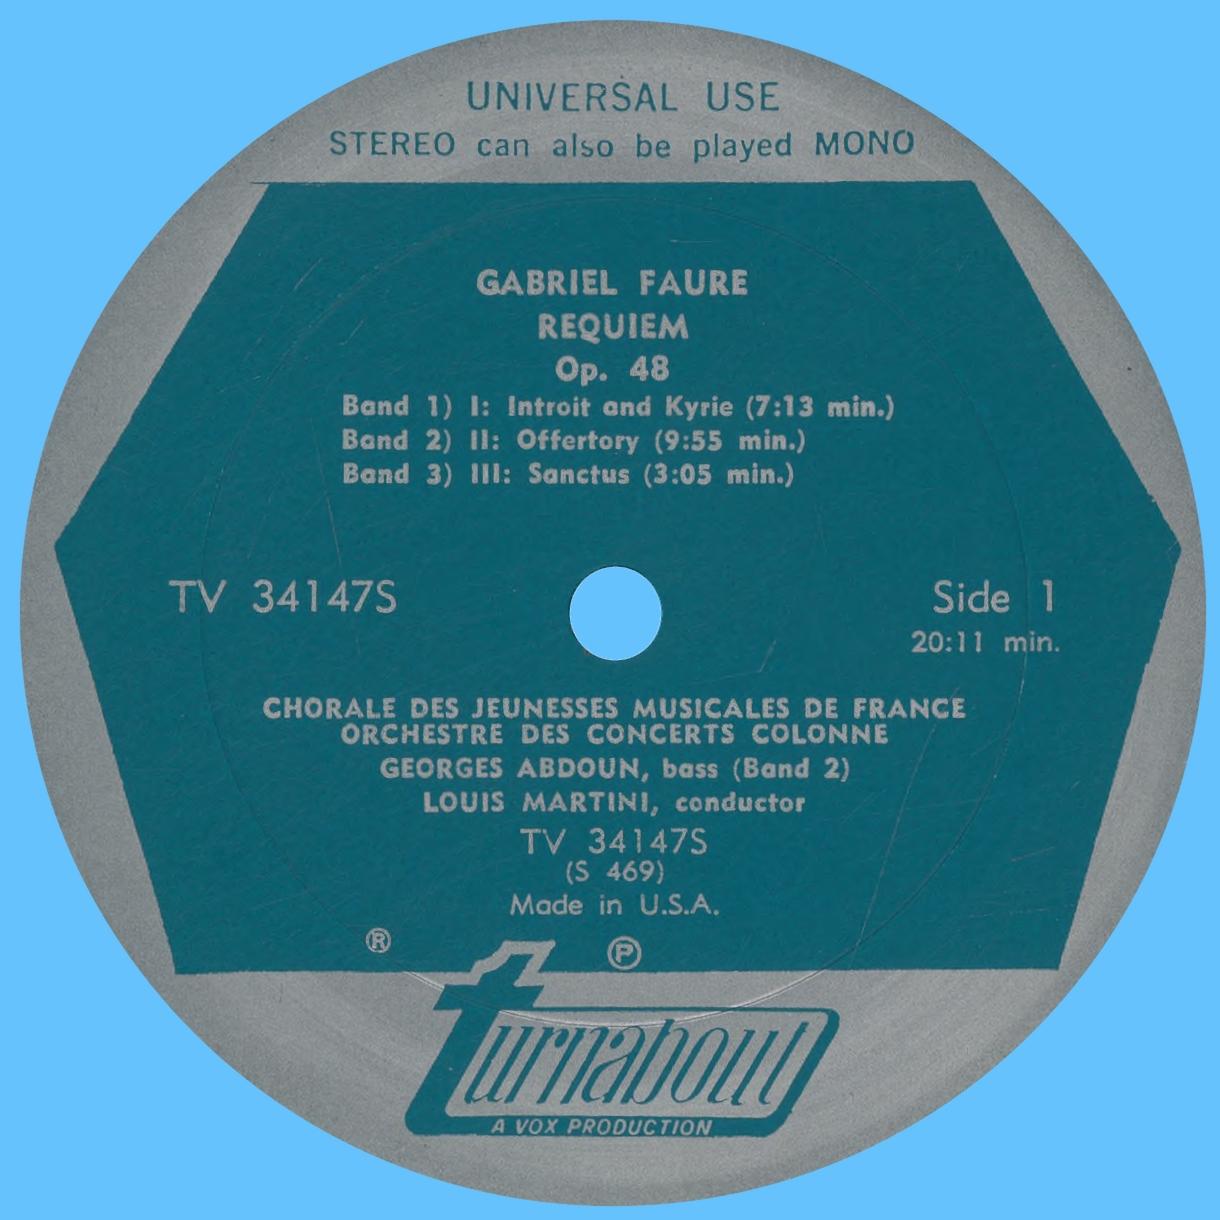 Étiquette recto du disque Turnabout VOX TV 34147S